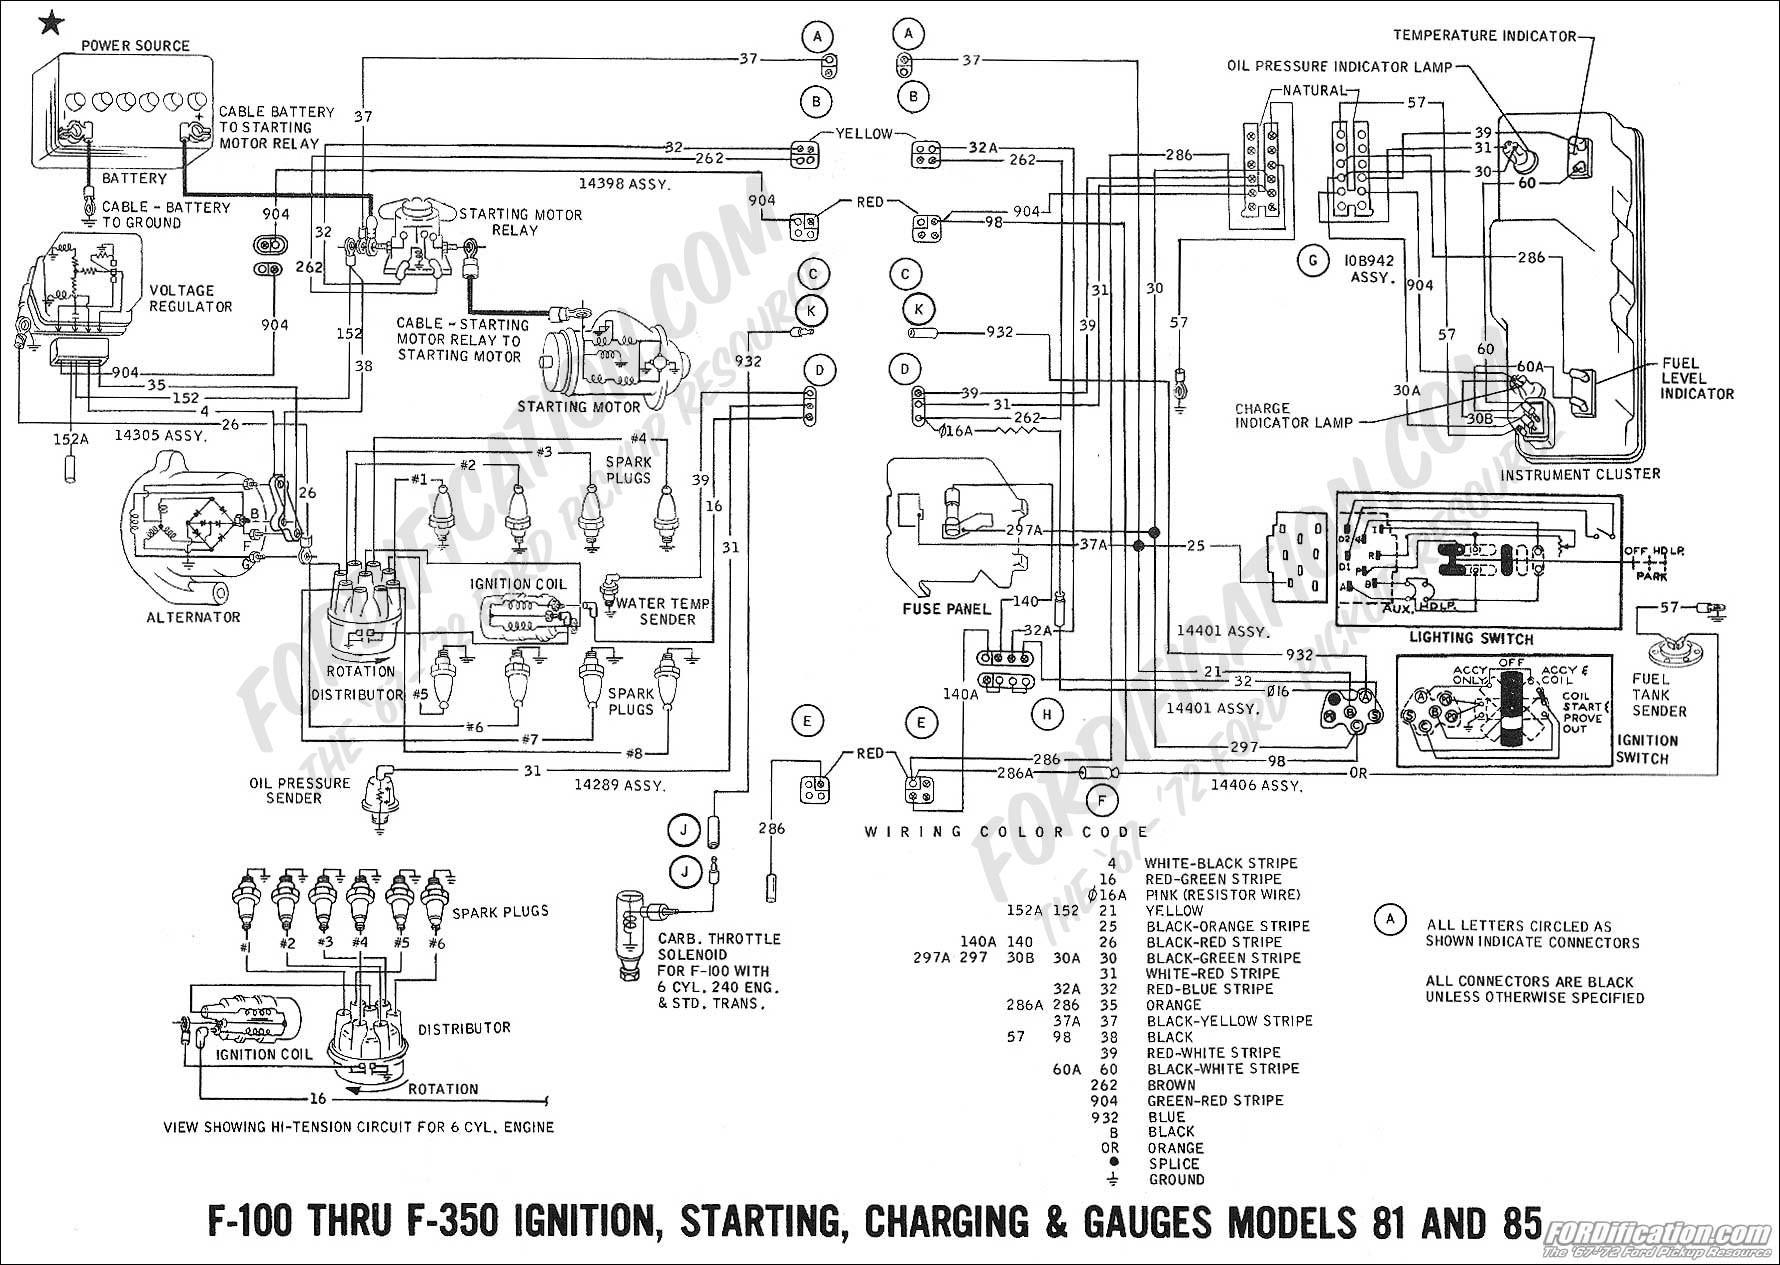 hight resolution of 1979 f150 wiring diagram 19 sg dbd de u20221979 ford f 150 wiring harness diagram